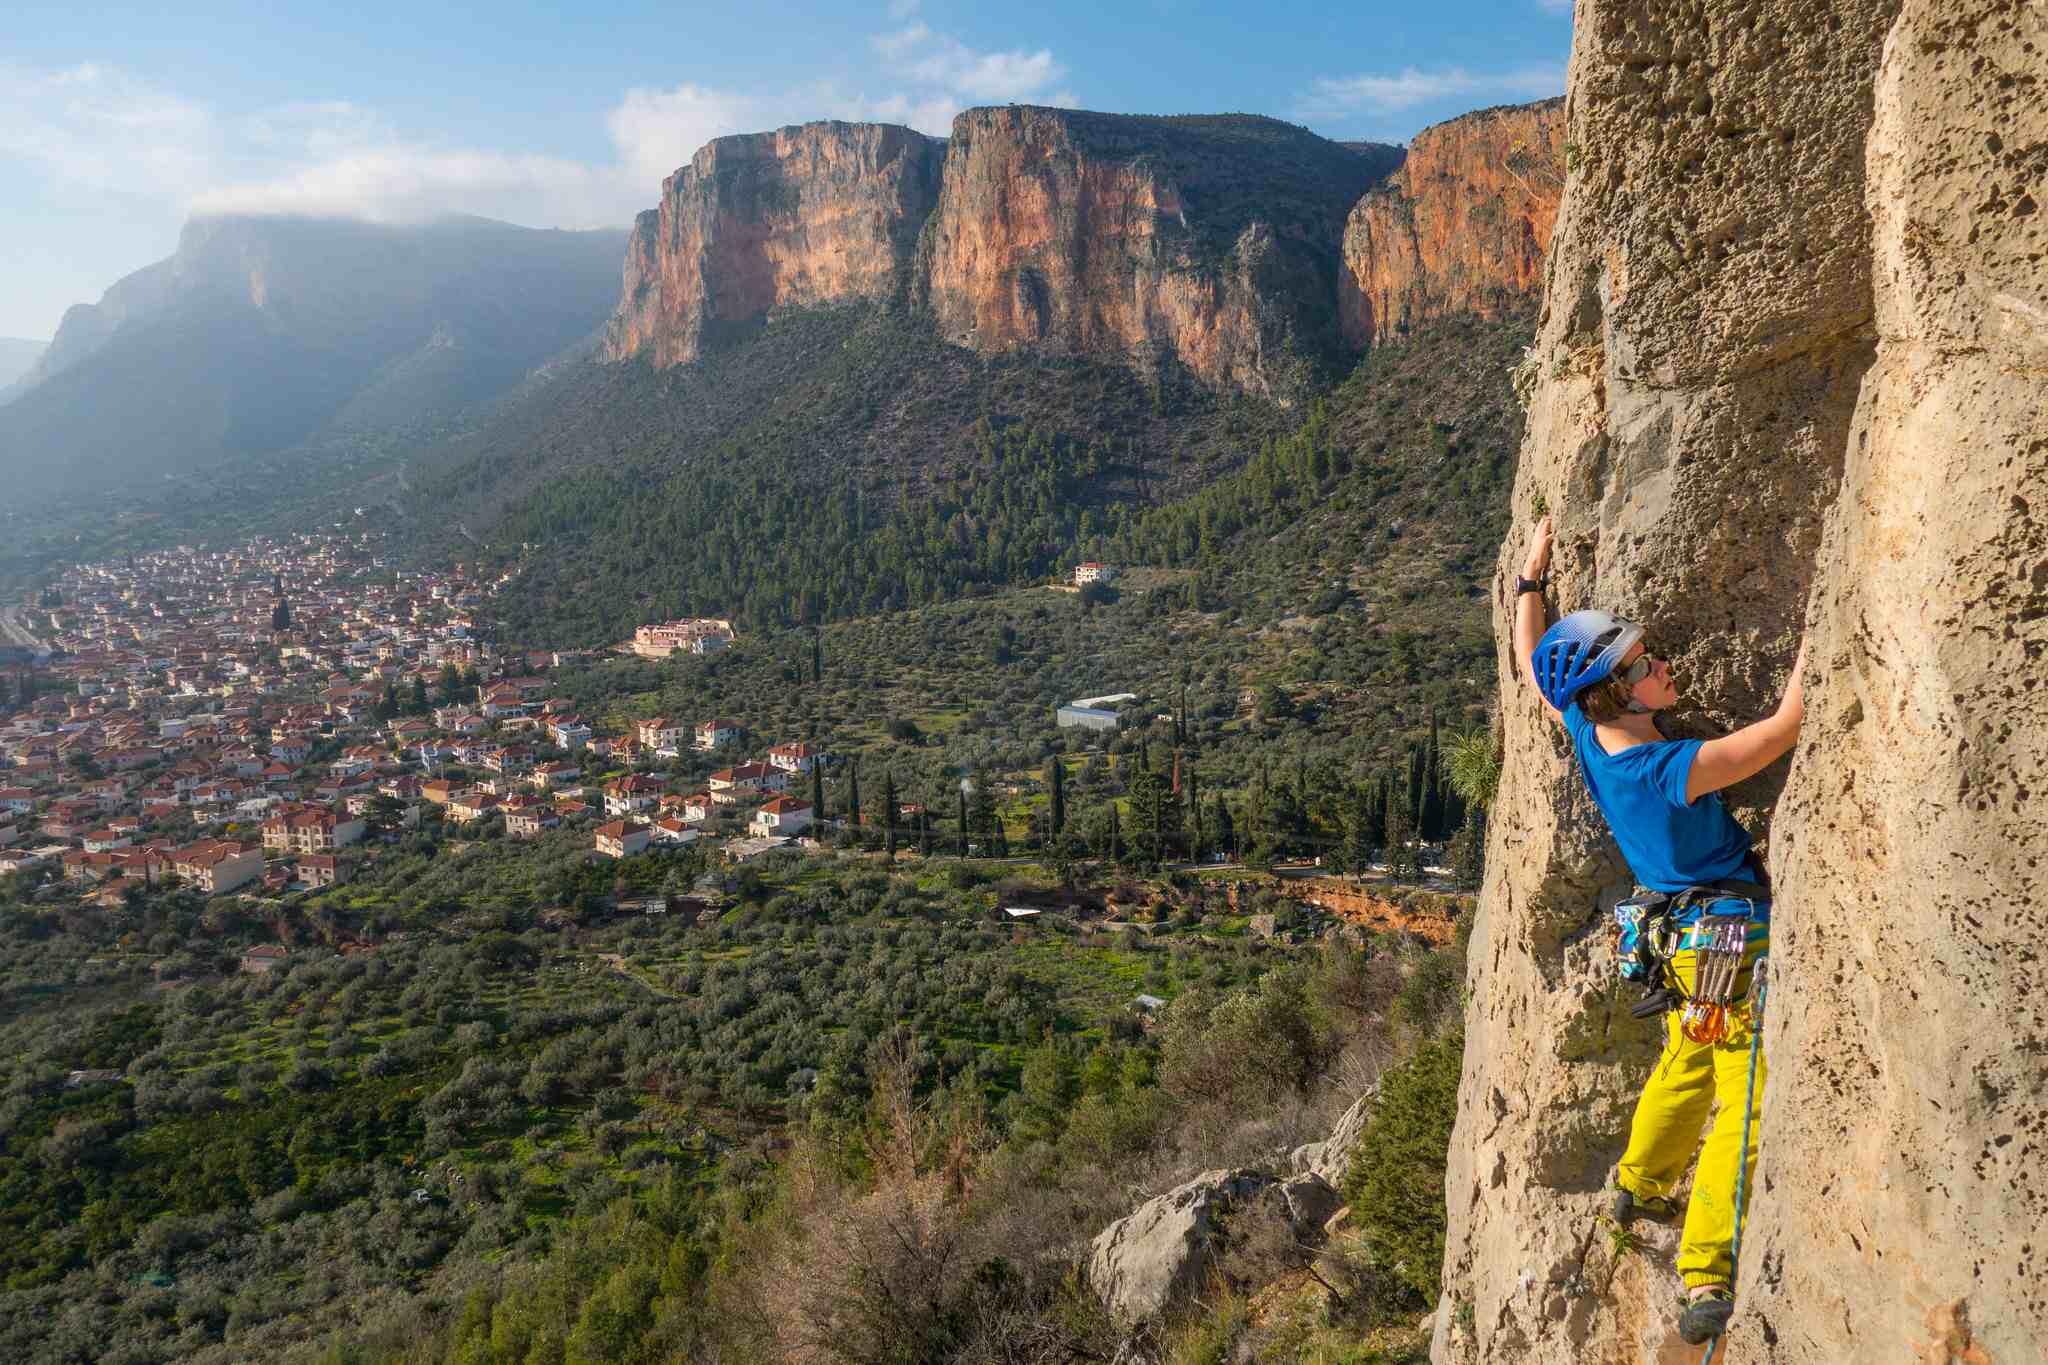 městečko Leonidio na úpatí rudého horského masivu hory Parnon láká horolezce z celého světa!